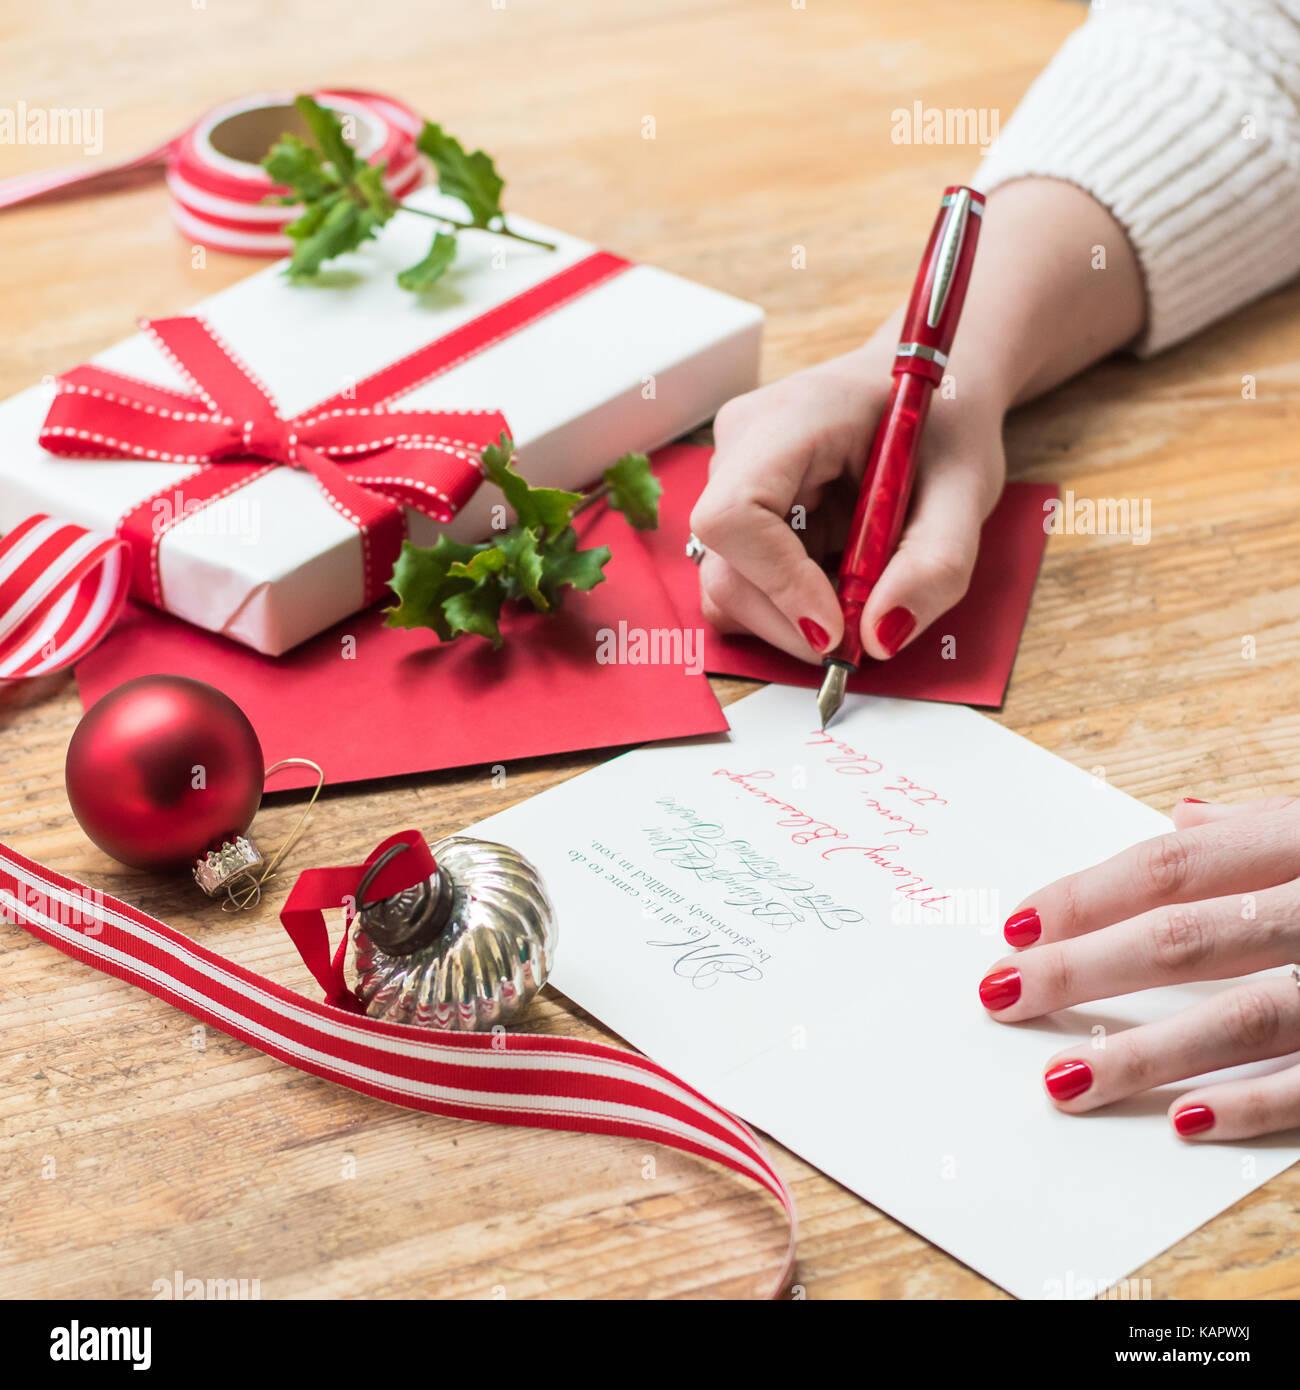 Rote Weihnachtskarten.Junge Frau Schreiben Von Weihnachtskarten Mit Rote Nägel Einen